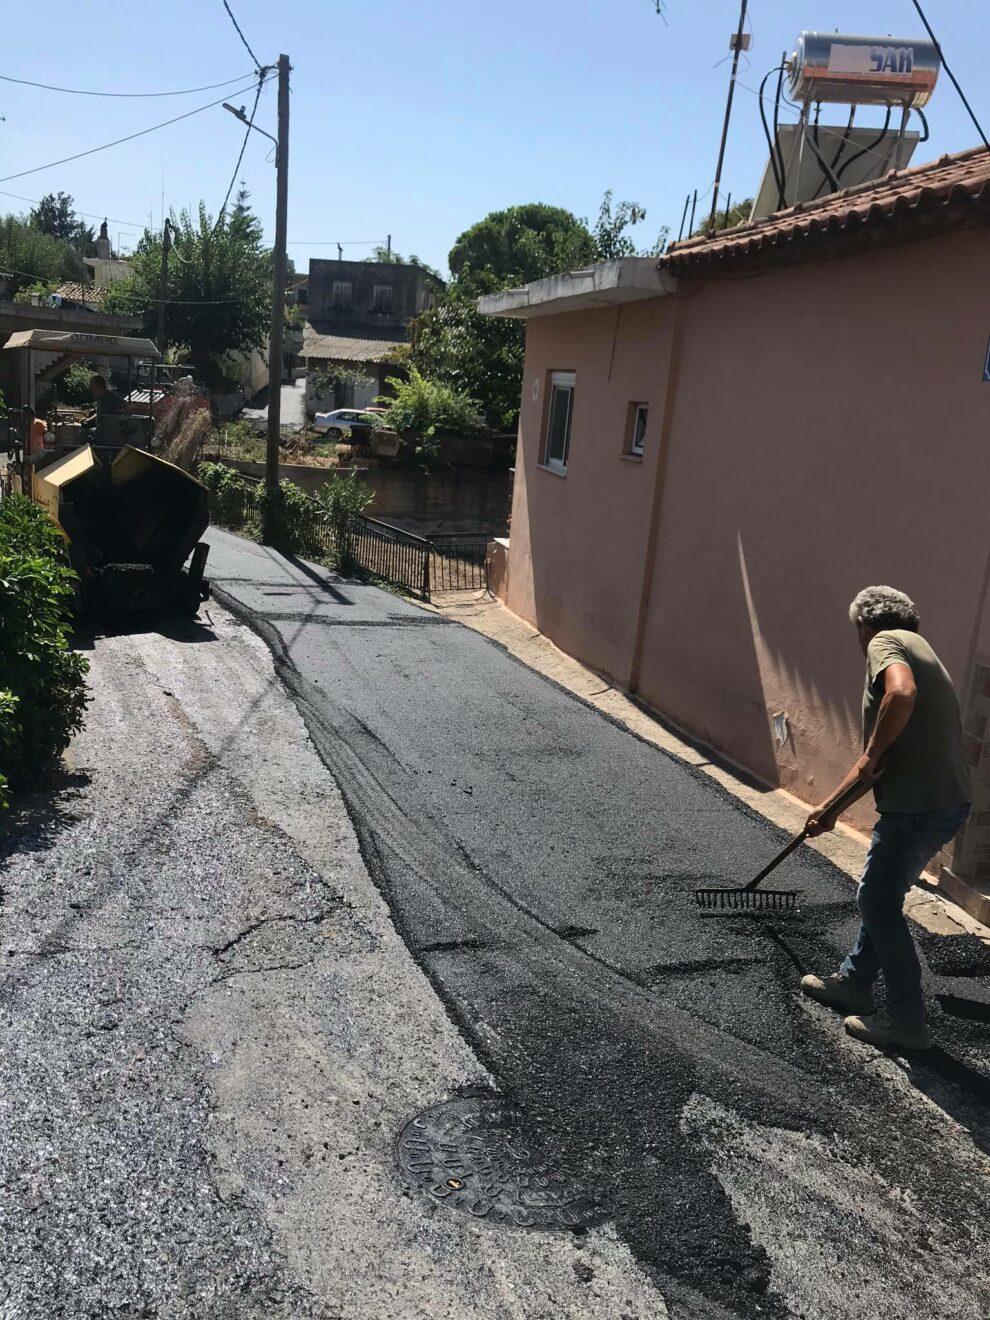 Σε εξέλιξη  εργολαβία ασφαλτοστρώσεων στο Δήμο Καλαμάτας